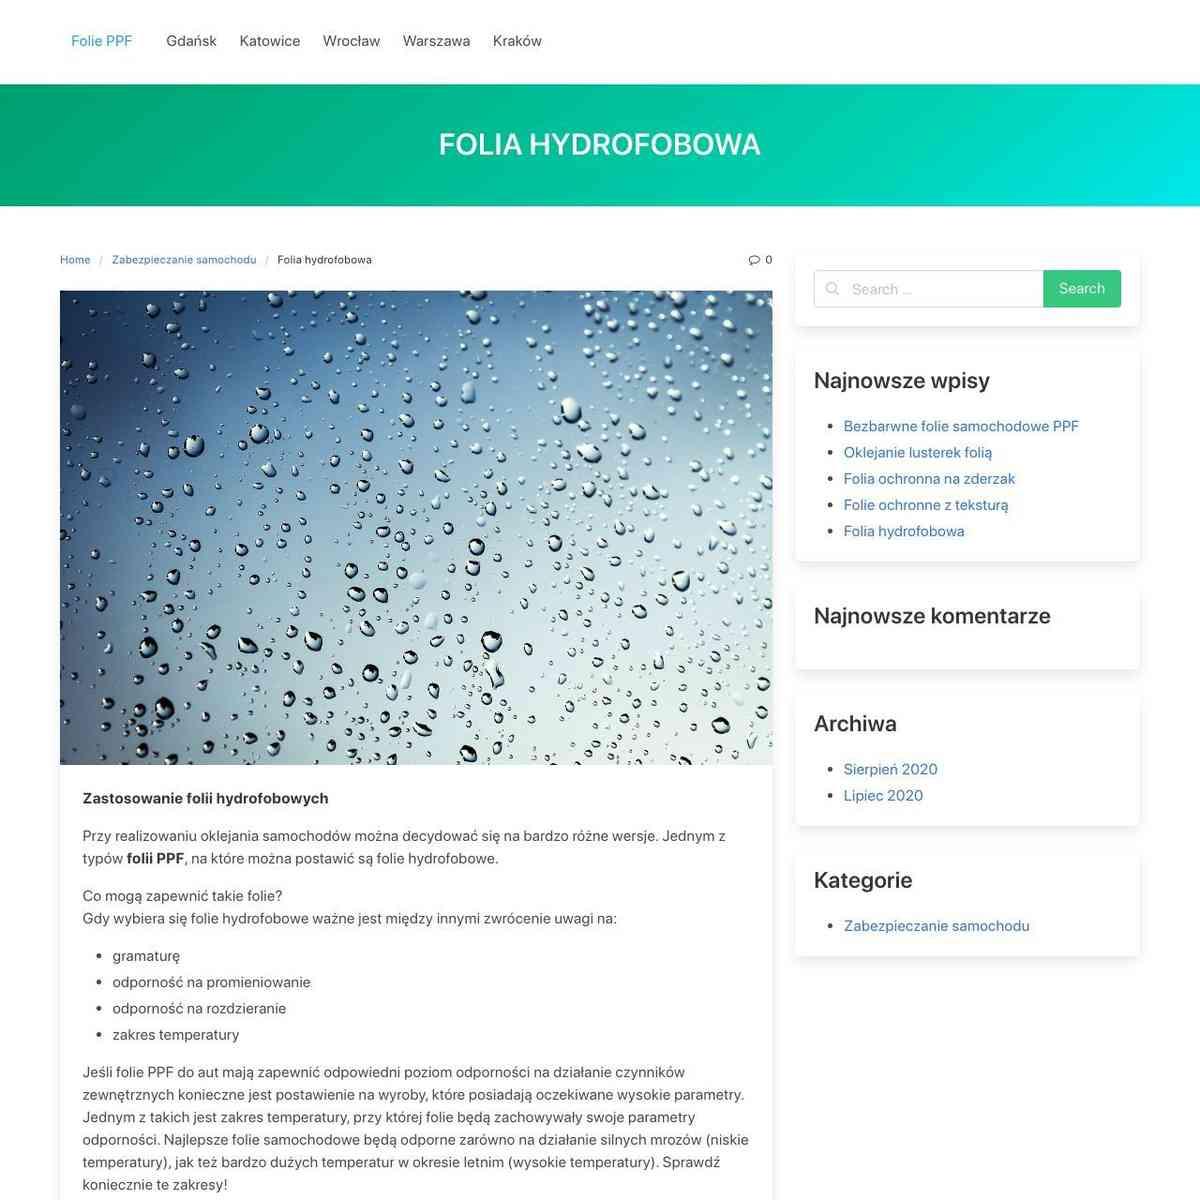 Folia hydrofobowa – Folie PPF